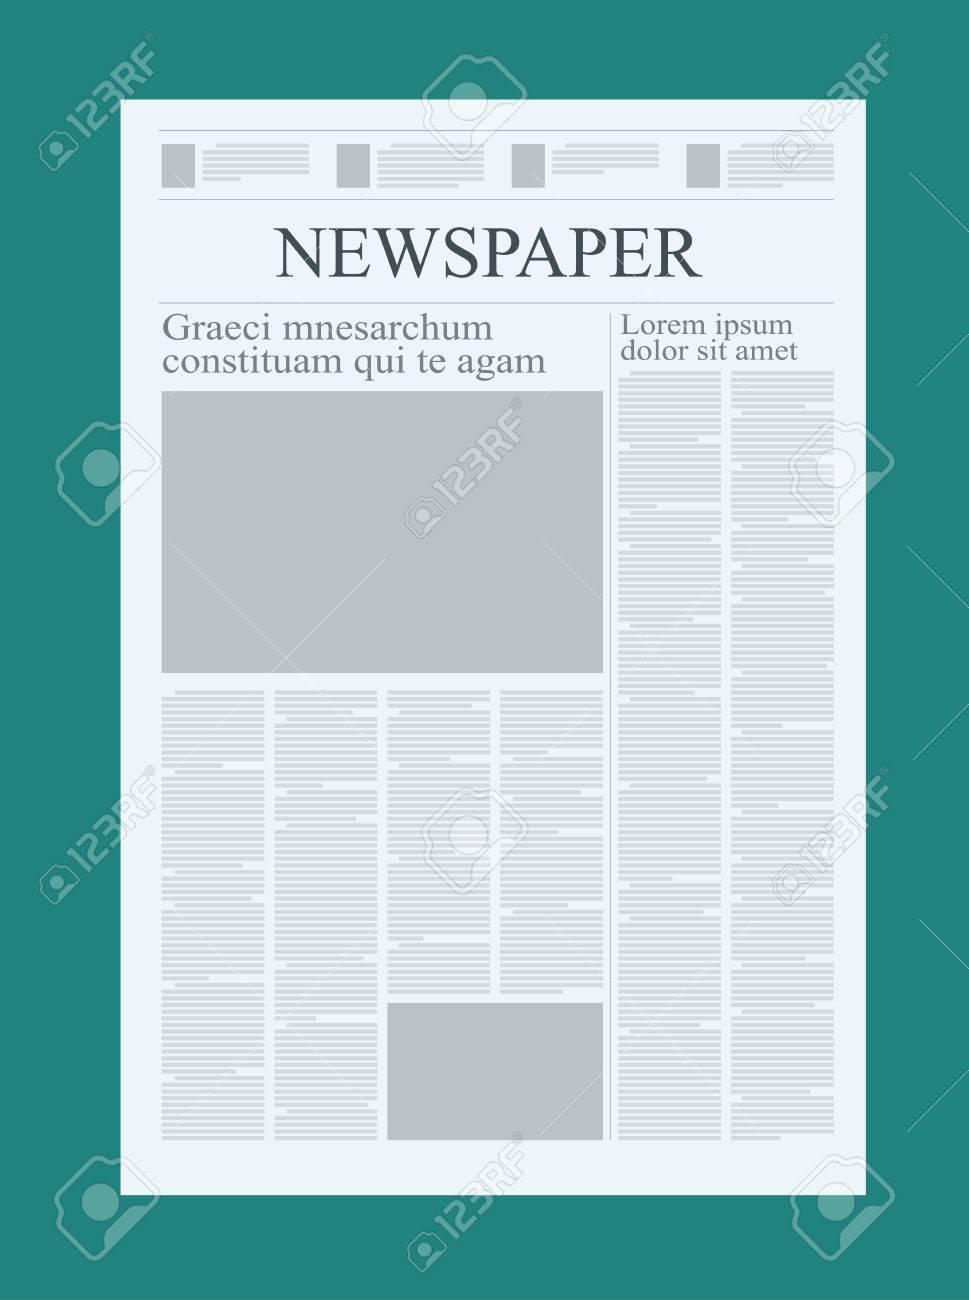 Plantilla De Periódico De Diseño Gráfico, Destacando Figuras Y ...